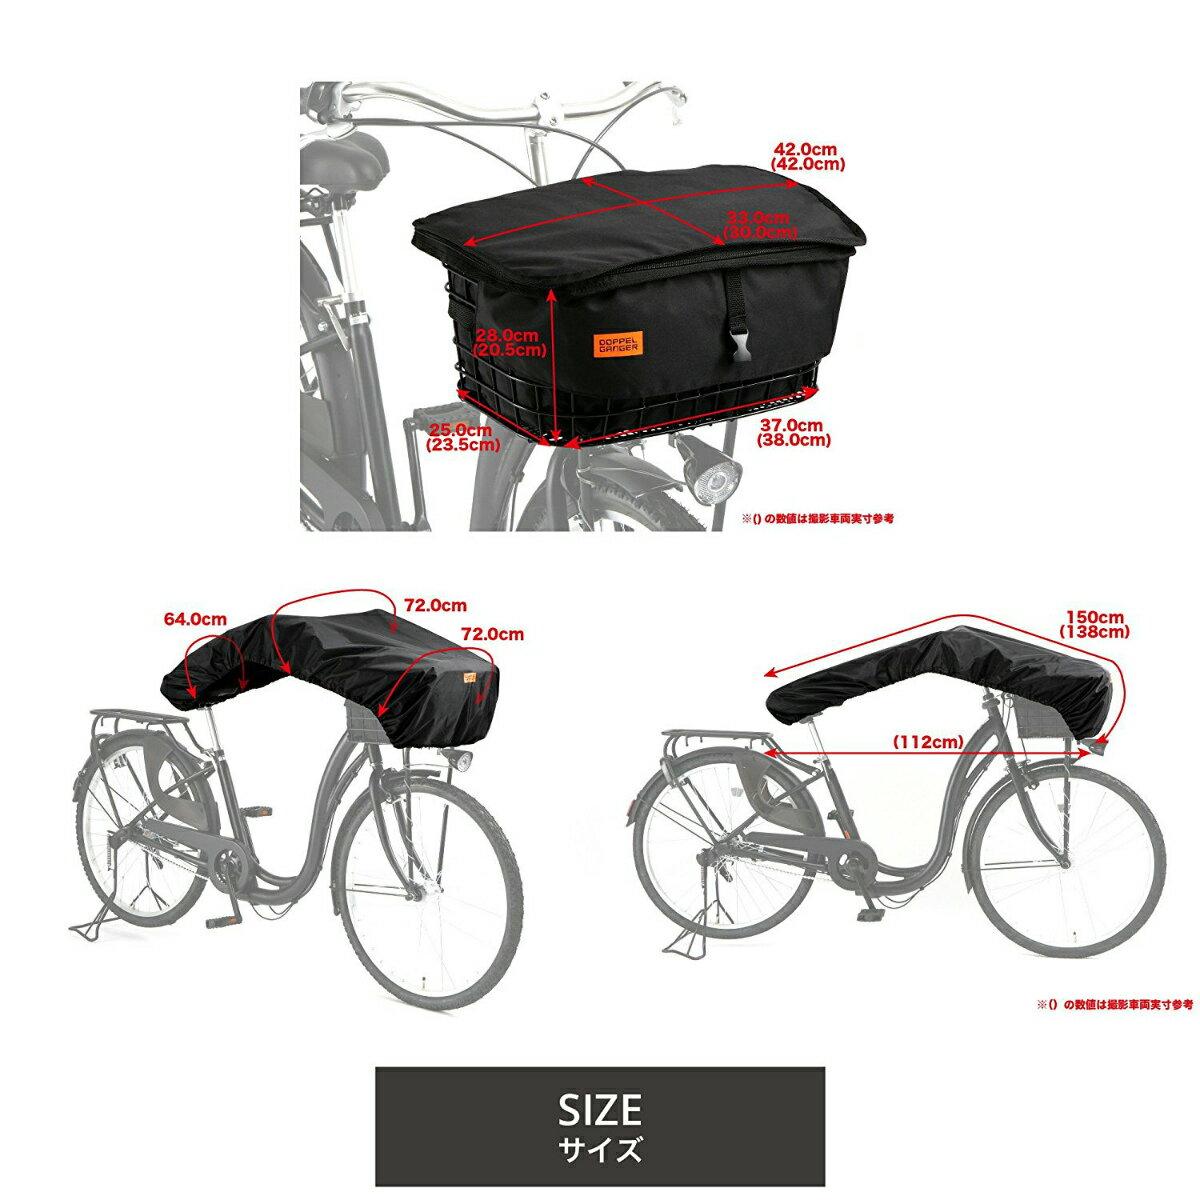 【ドッペルギャンガー】 フロントバスケットカバー 自転車カバー内蔵 【DOPDBF457BK】